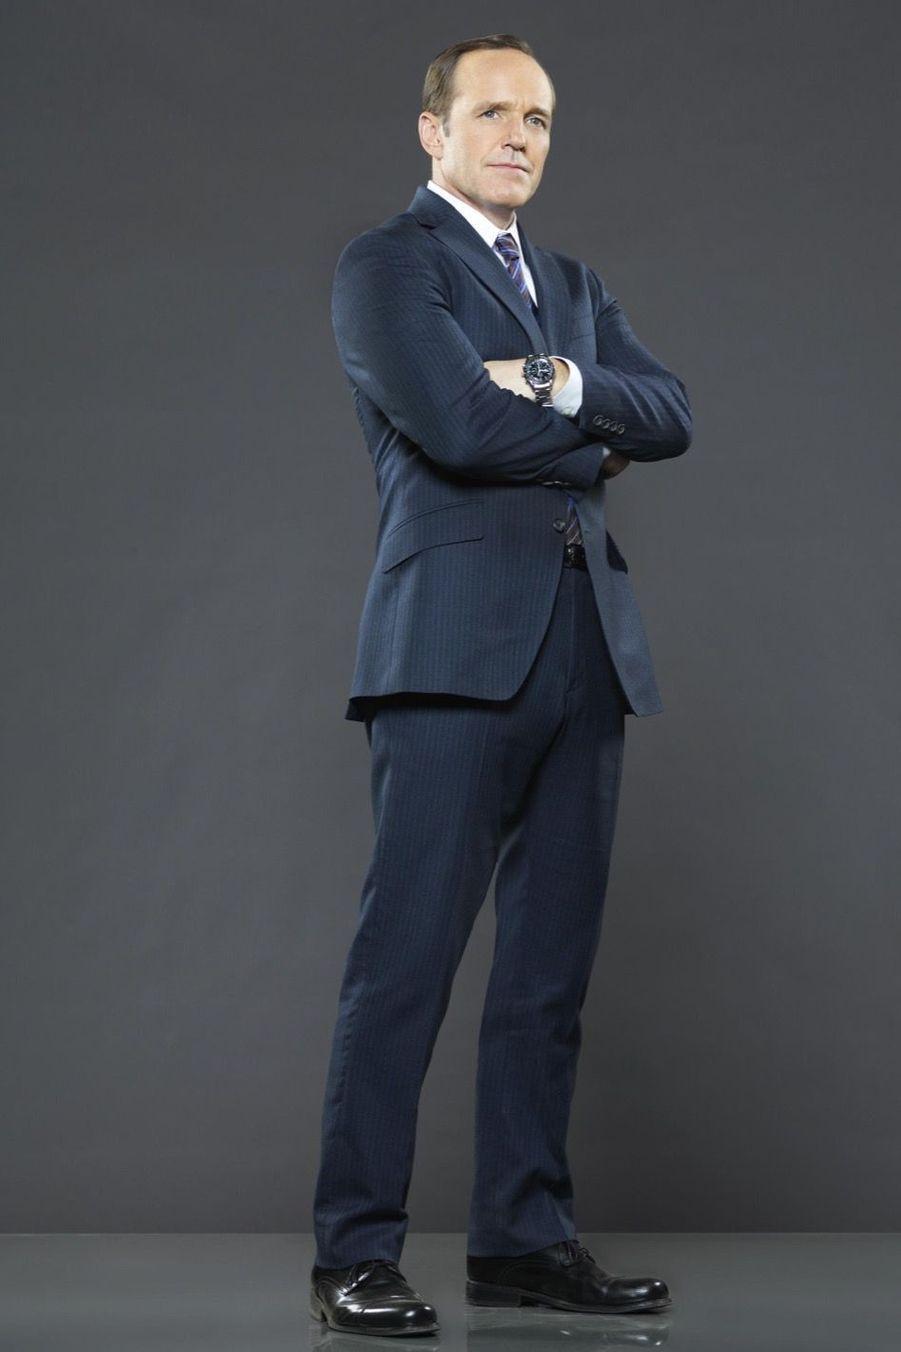 Clark Gregg - Agent Coulson